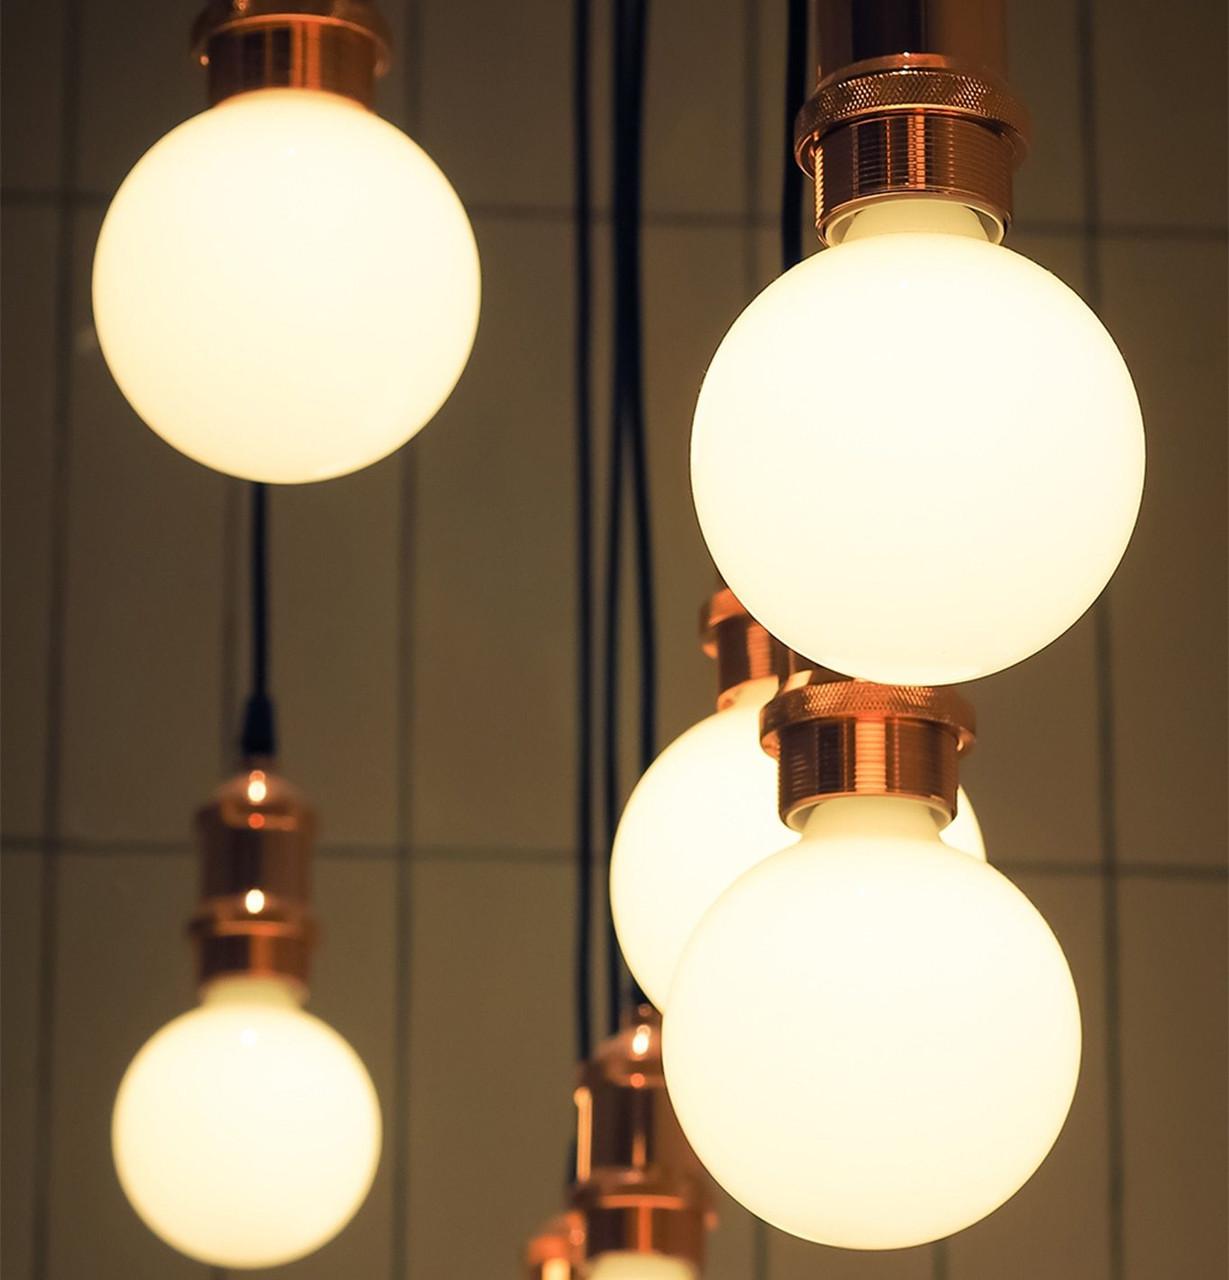 LED Dimmable G95 ES-E27 Light Bulbs